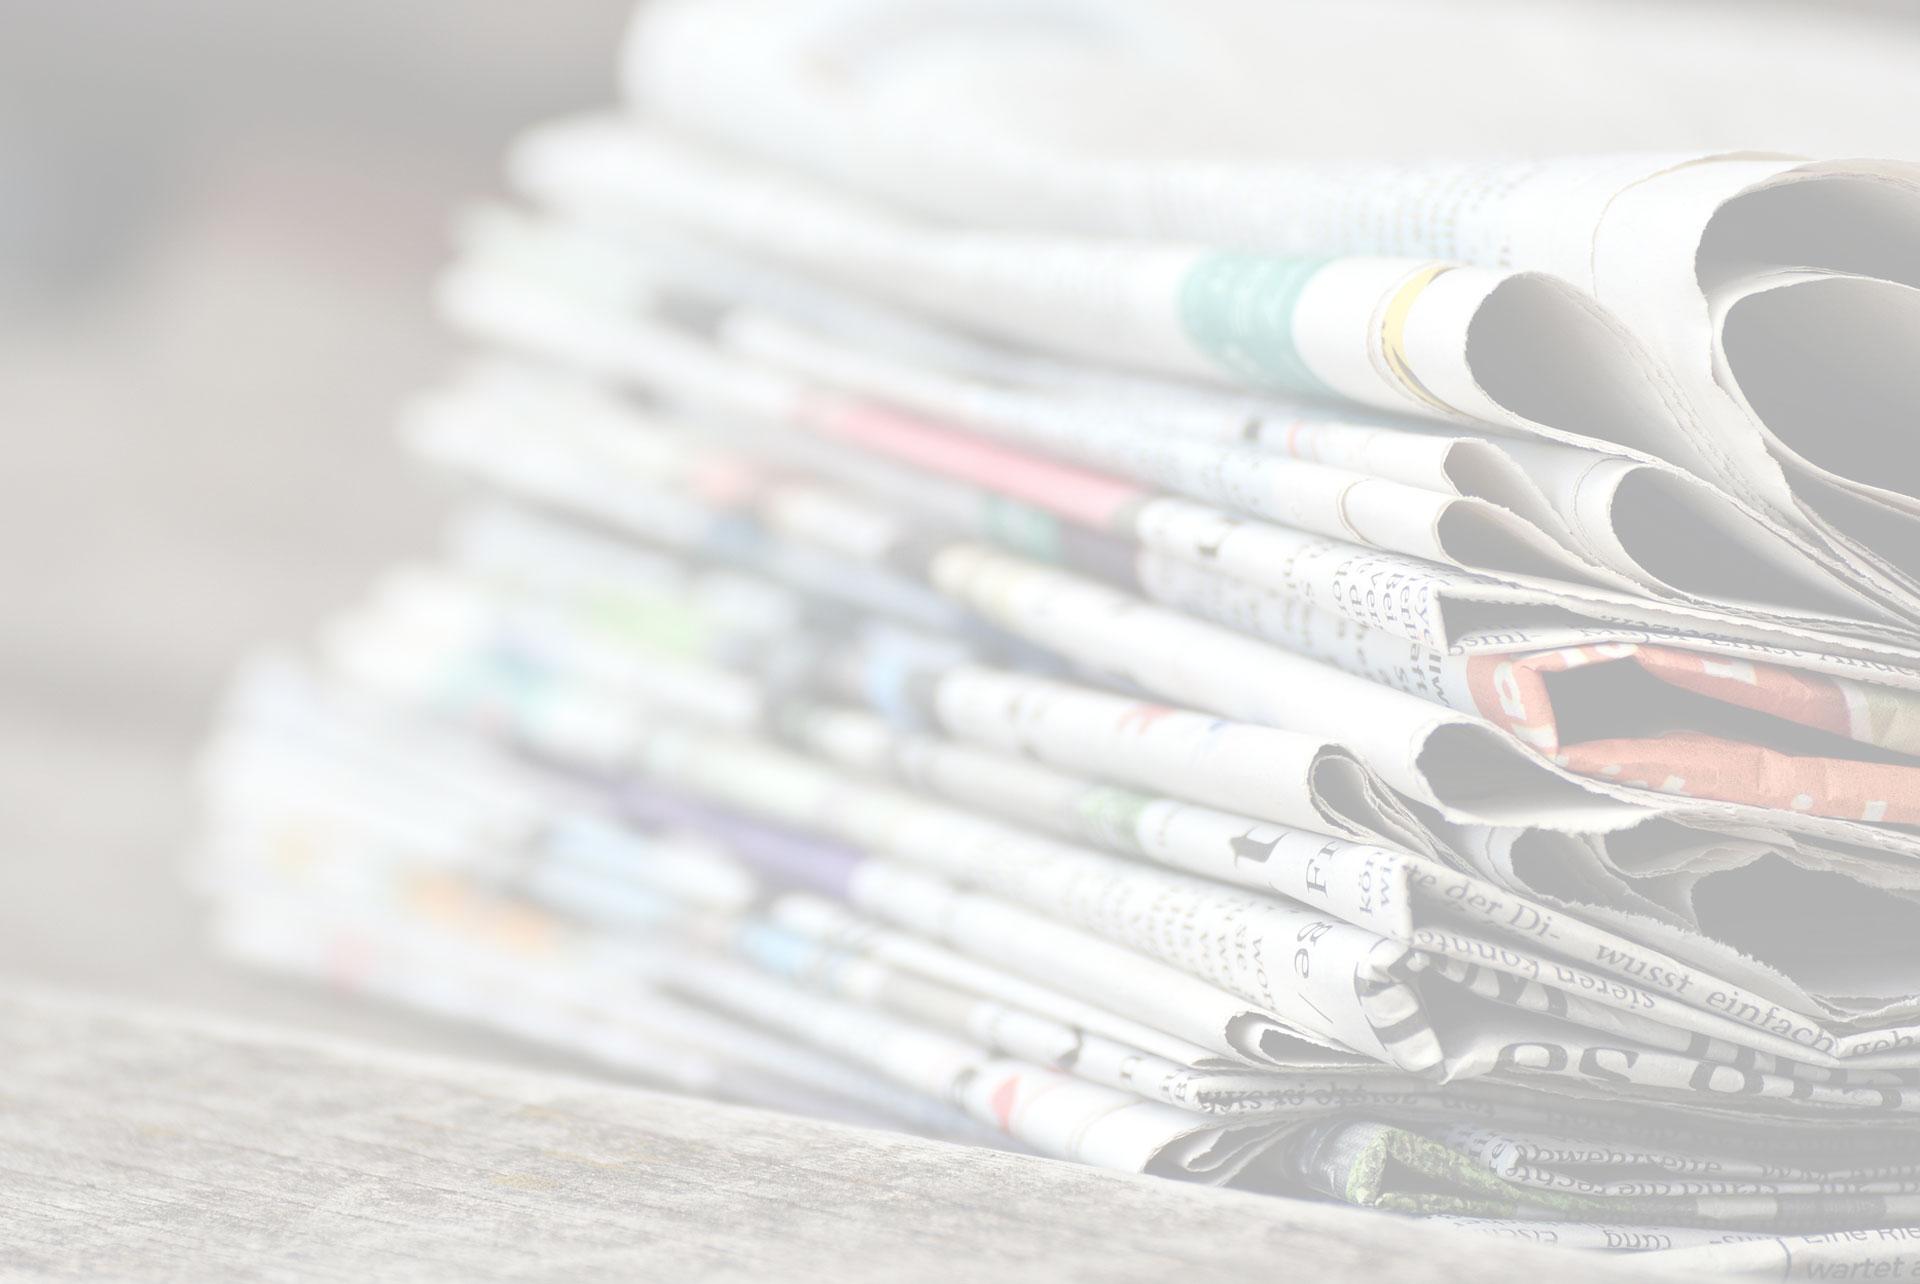 Carambola di auto sul Gra, traffico bloccato